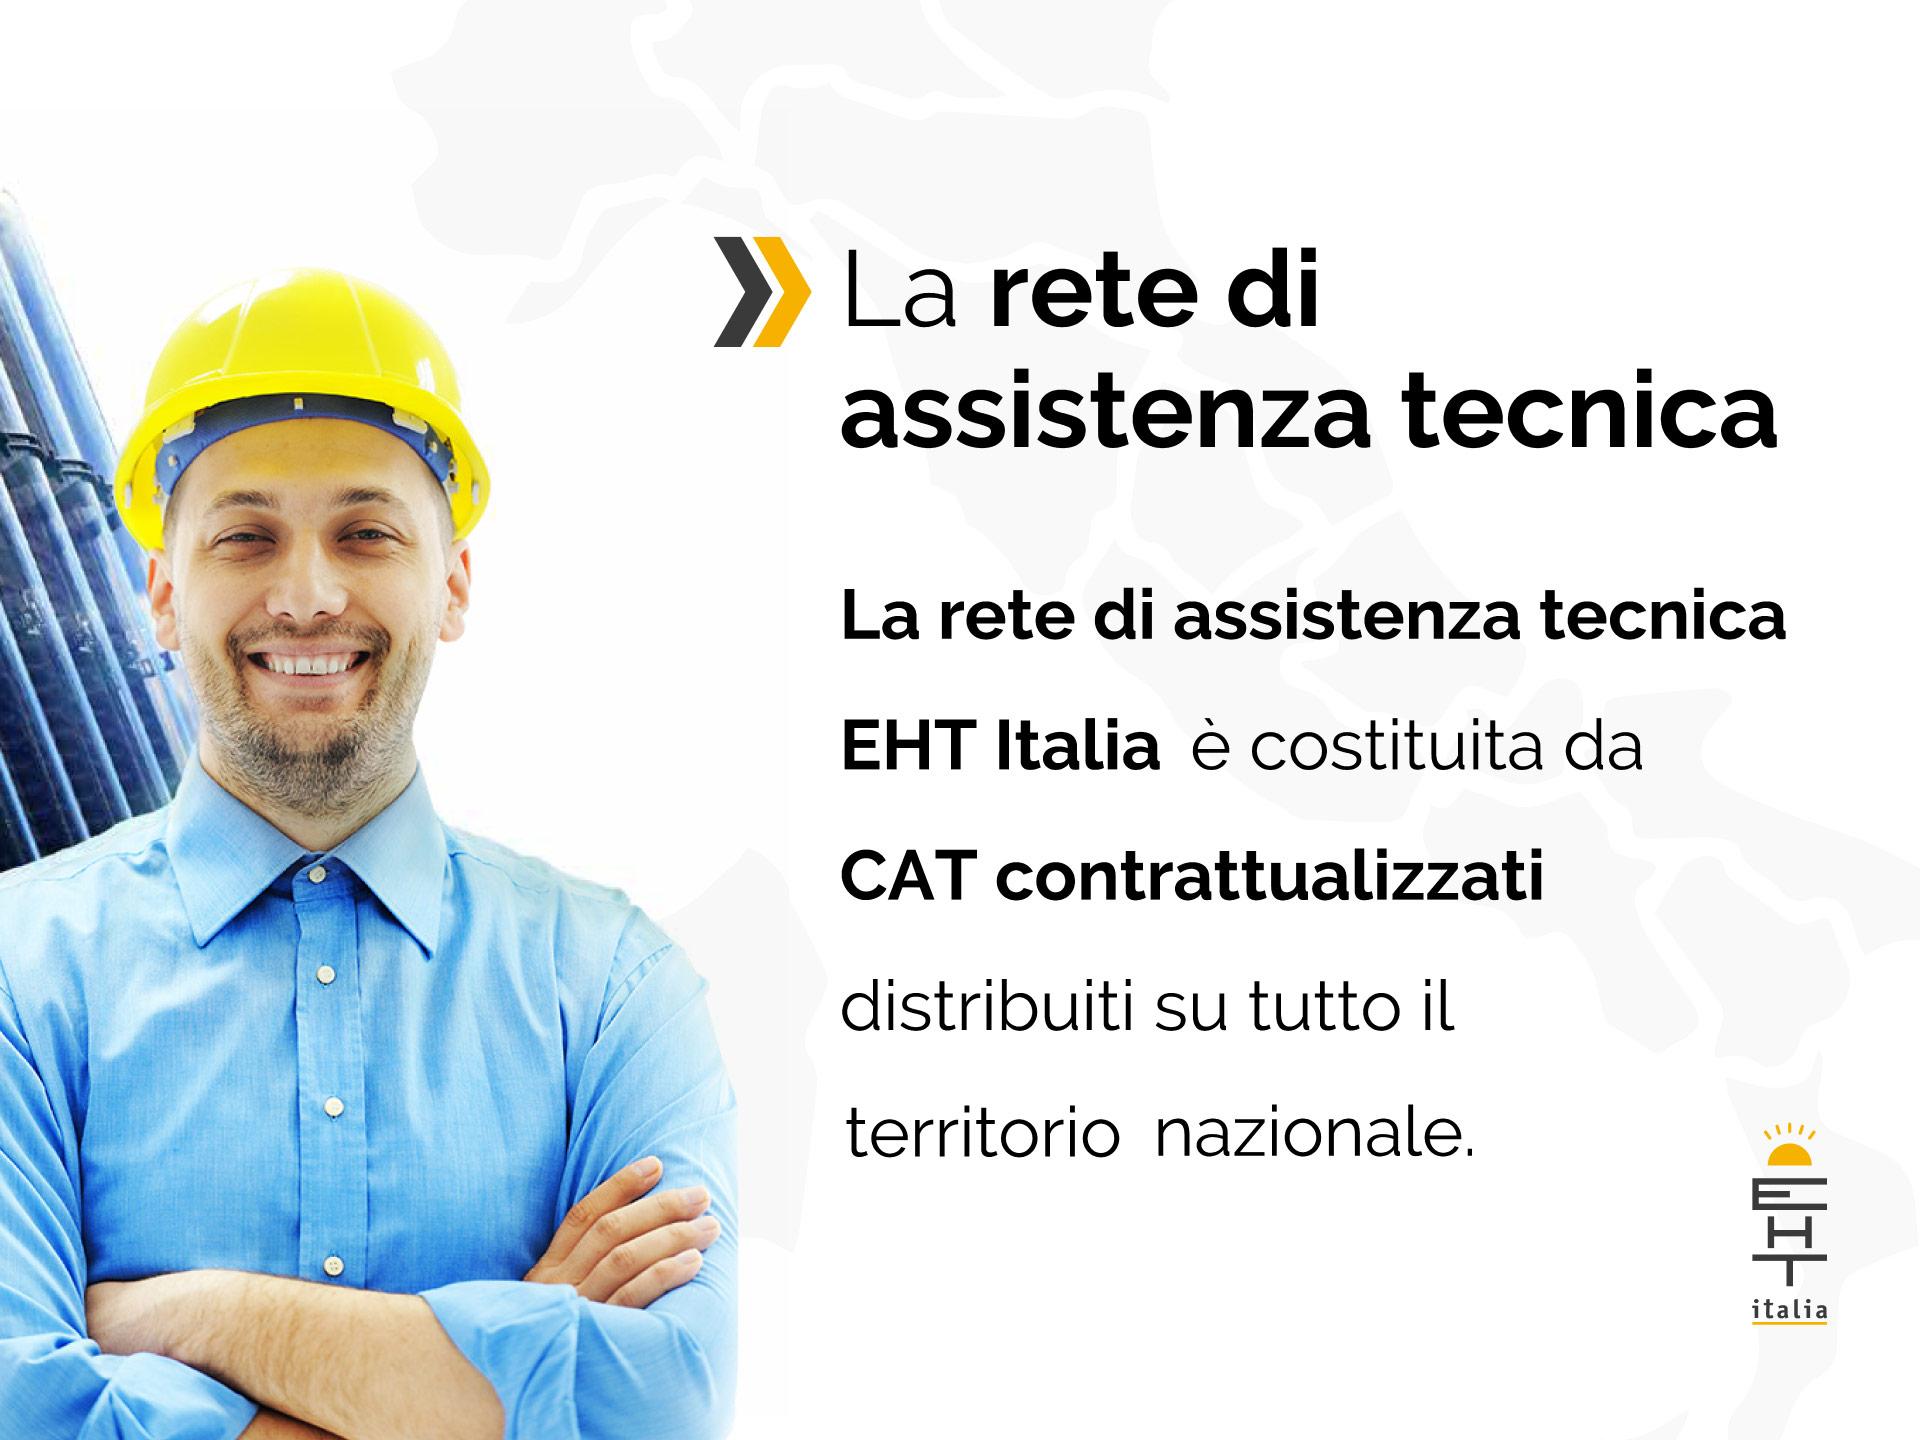 CAT assistenza e supporto tecnico nazionale